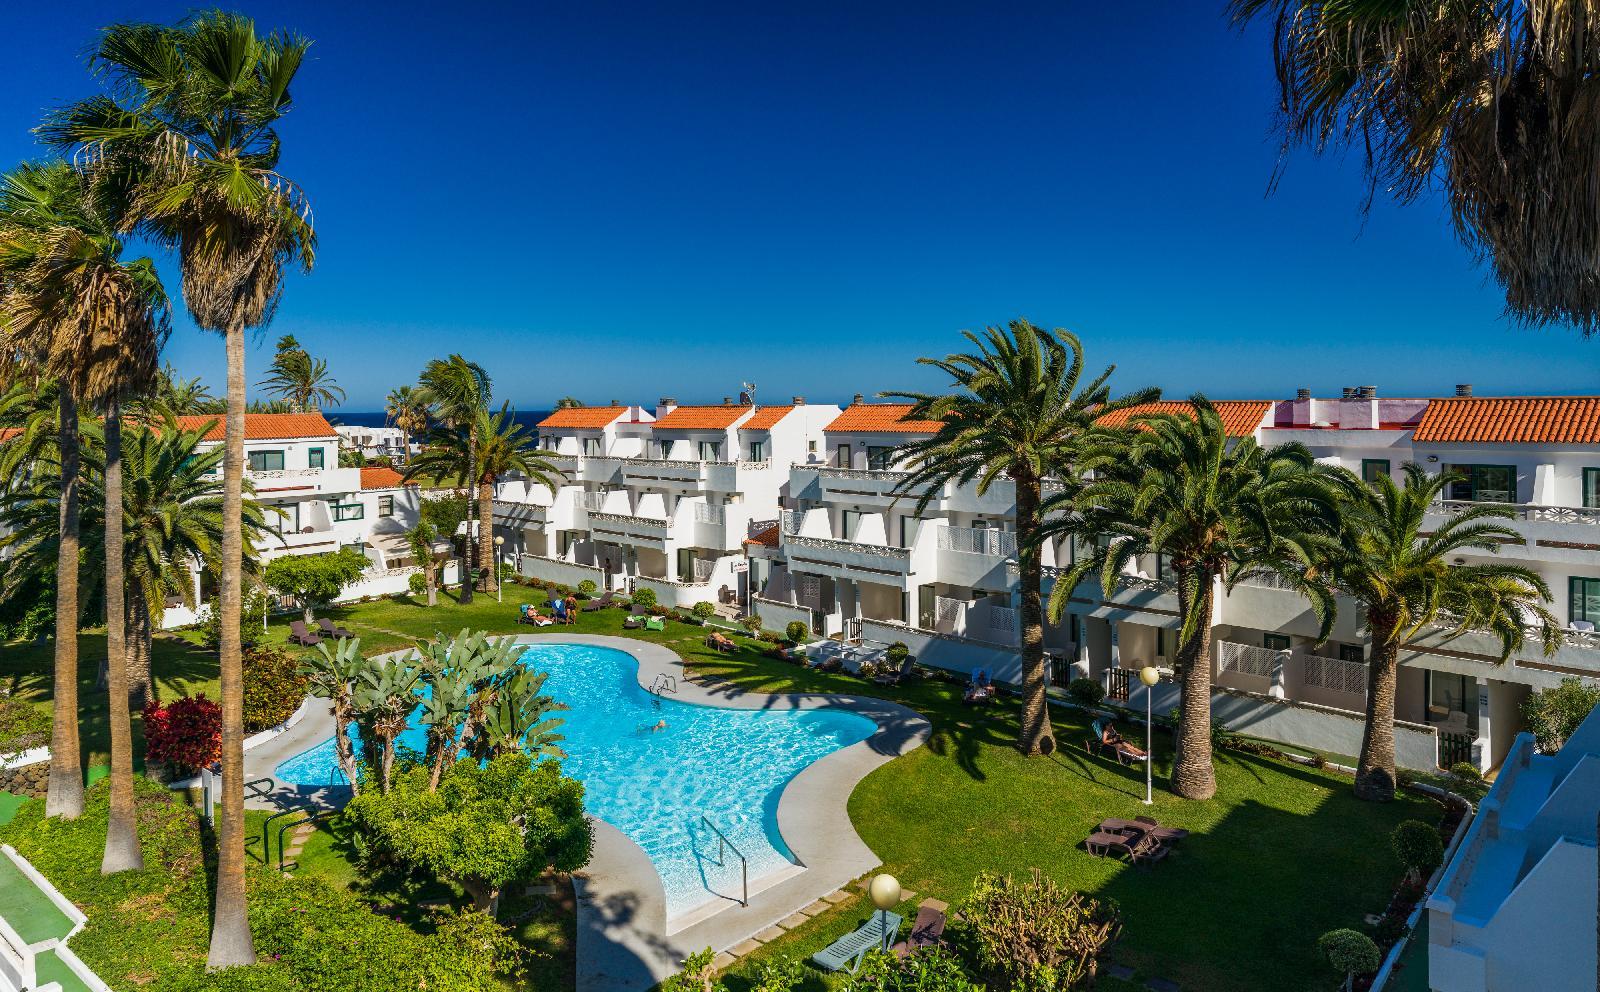 Viajes a la palma desde 387 ofertas de vacaciones y viajes baratos a la palma - Apartamentos en la palma baratos ...